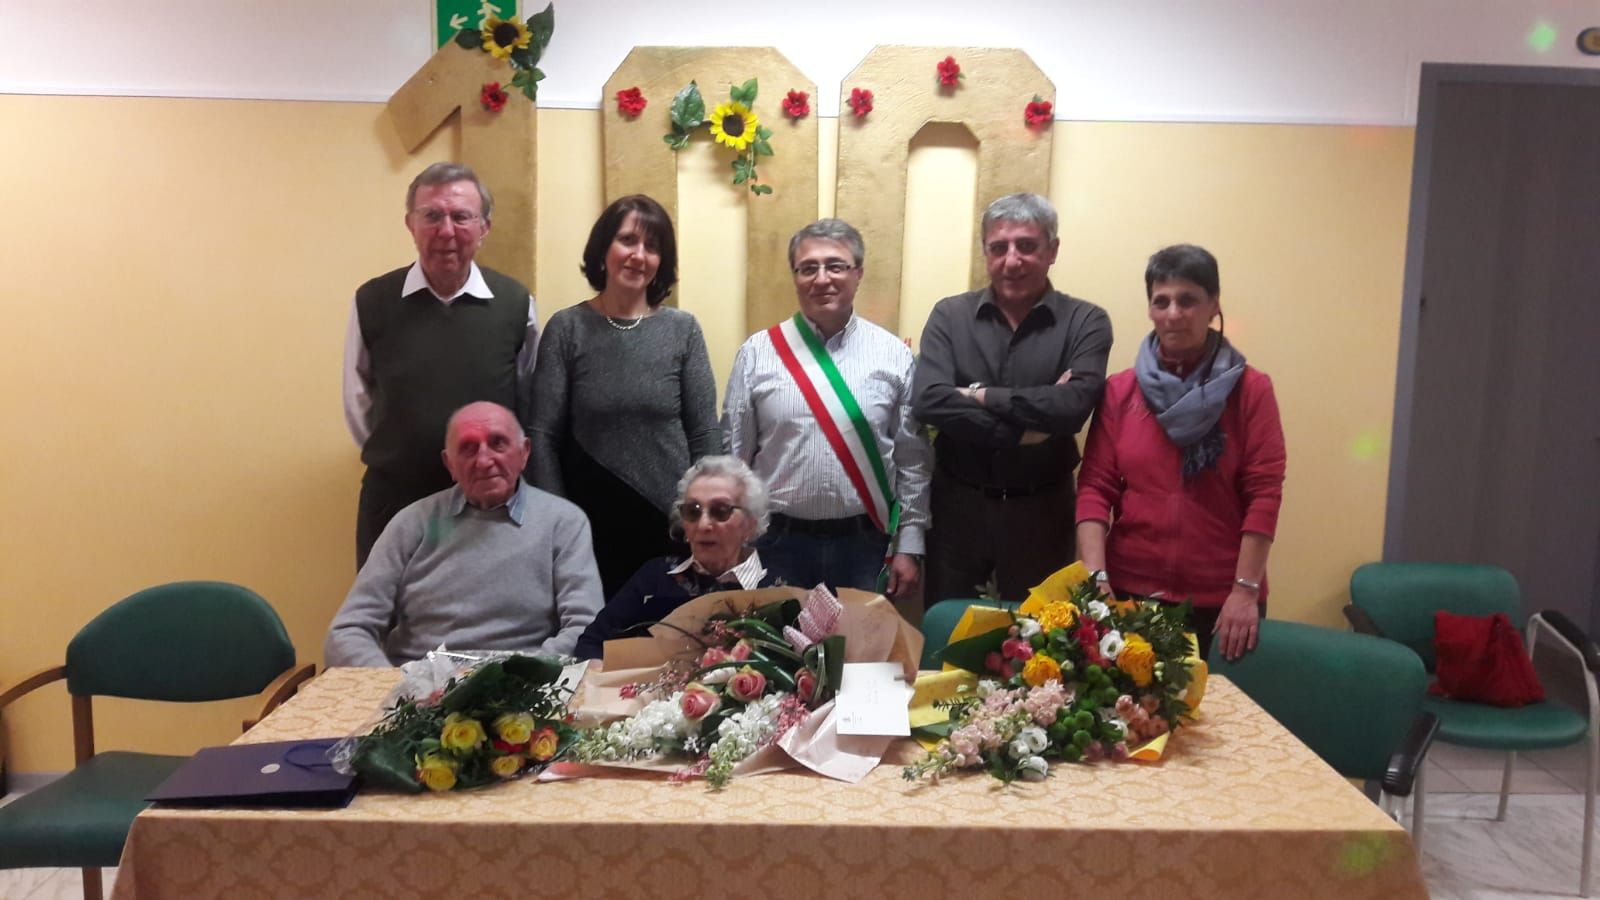 CASTELLAMONTE - Grande festa per i 100 anni della signora Tina